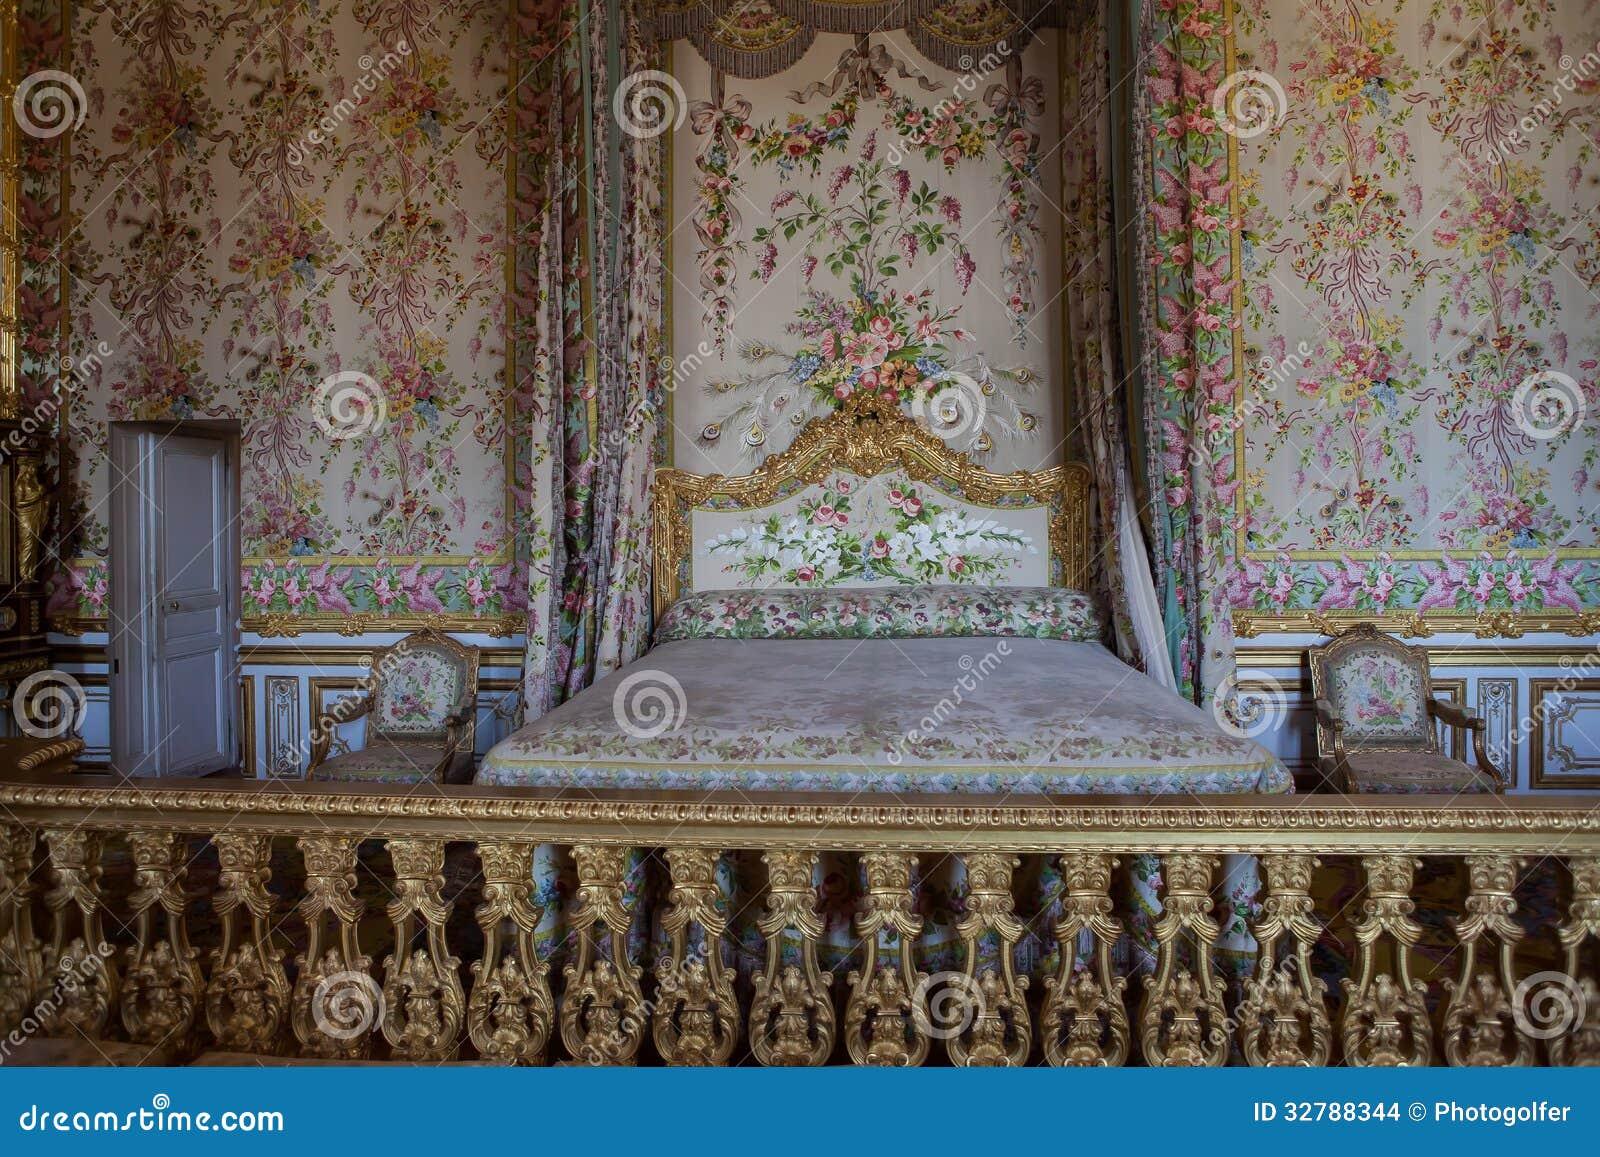 Slaapkamer van de koningin chateau de versailles frankrijk redactionele stock afbeelding - Fotos van de slaapkamers ...